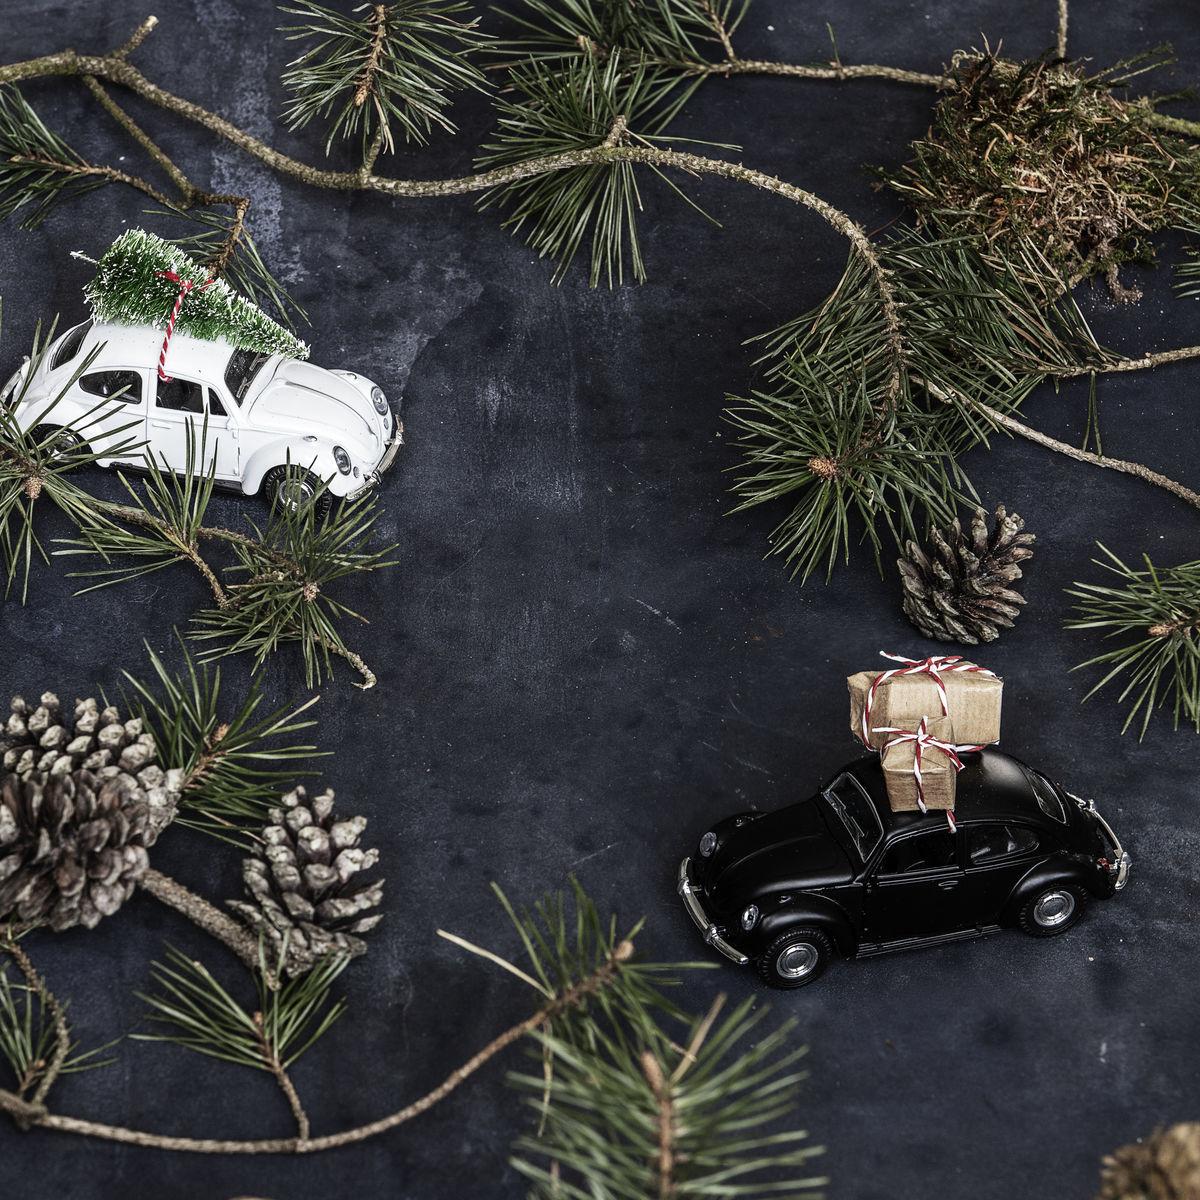 sort-bil-med-julegaver-paa-taget